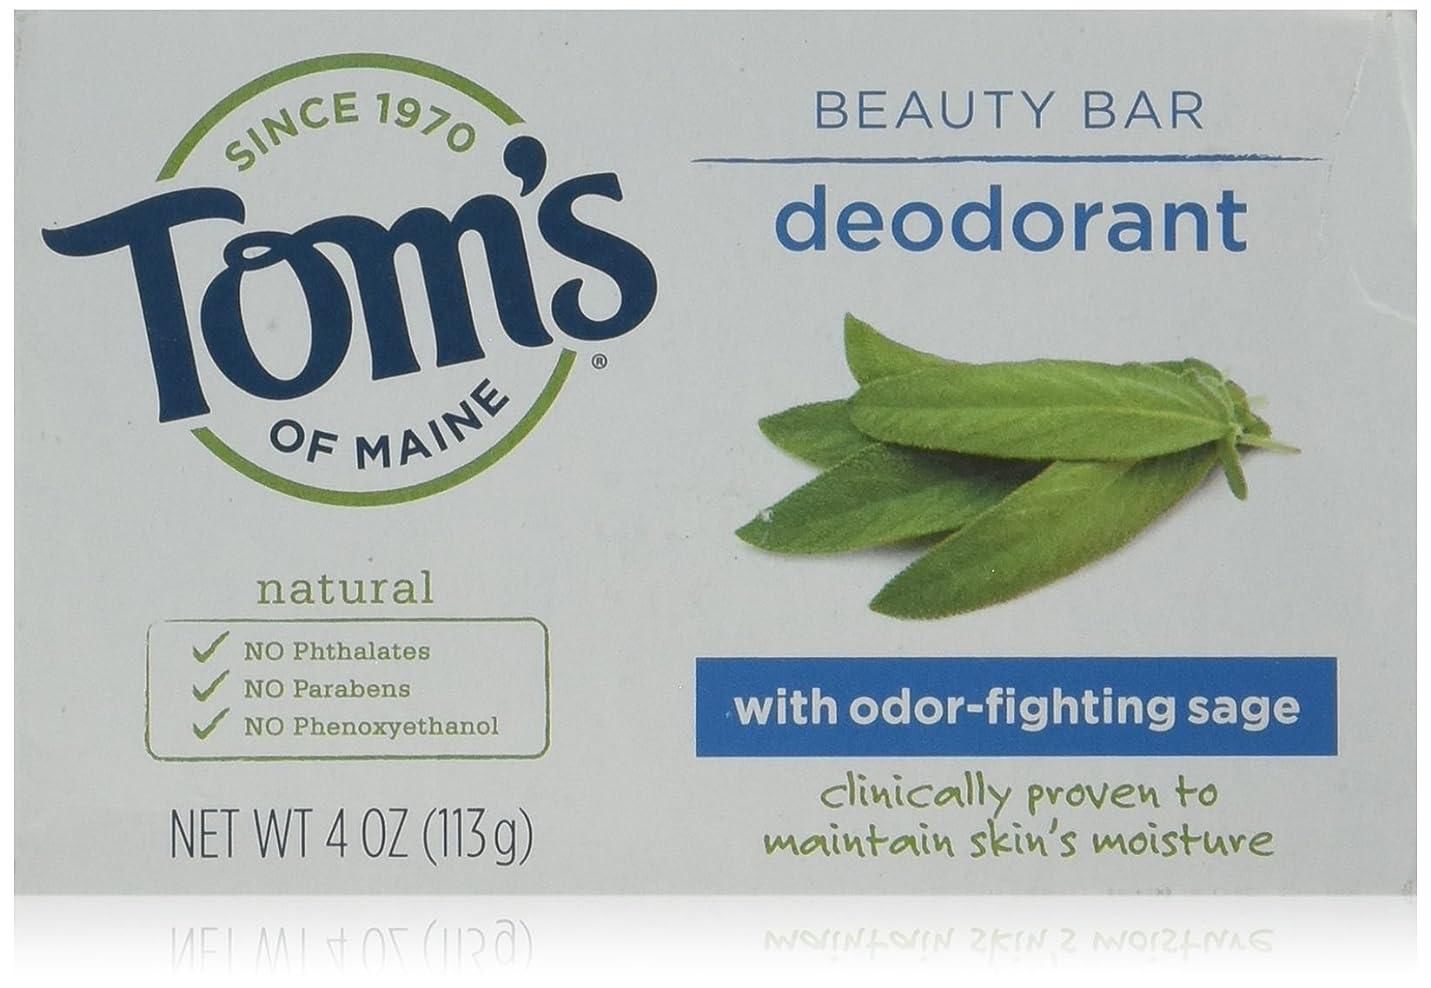 後世フロントアジア人Tom's of Maine Natural Beauty Bar Deodorant Soap ナチュラル ビューティー バー デオドラント ソープ [4oz (113g)] [並行輸入品]